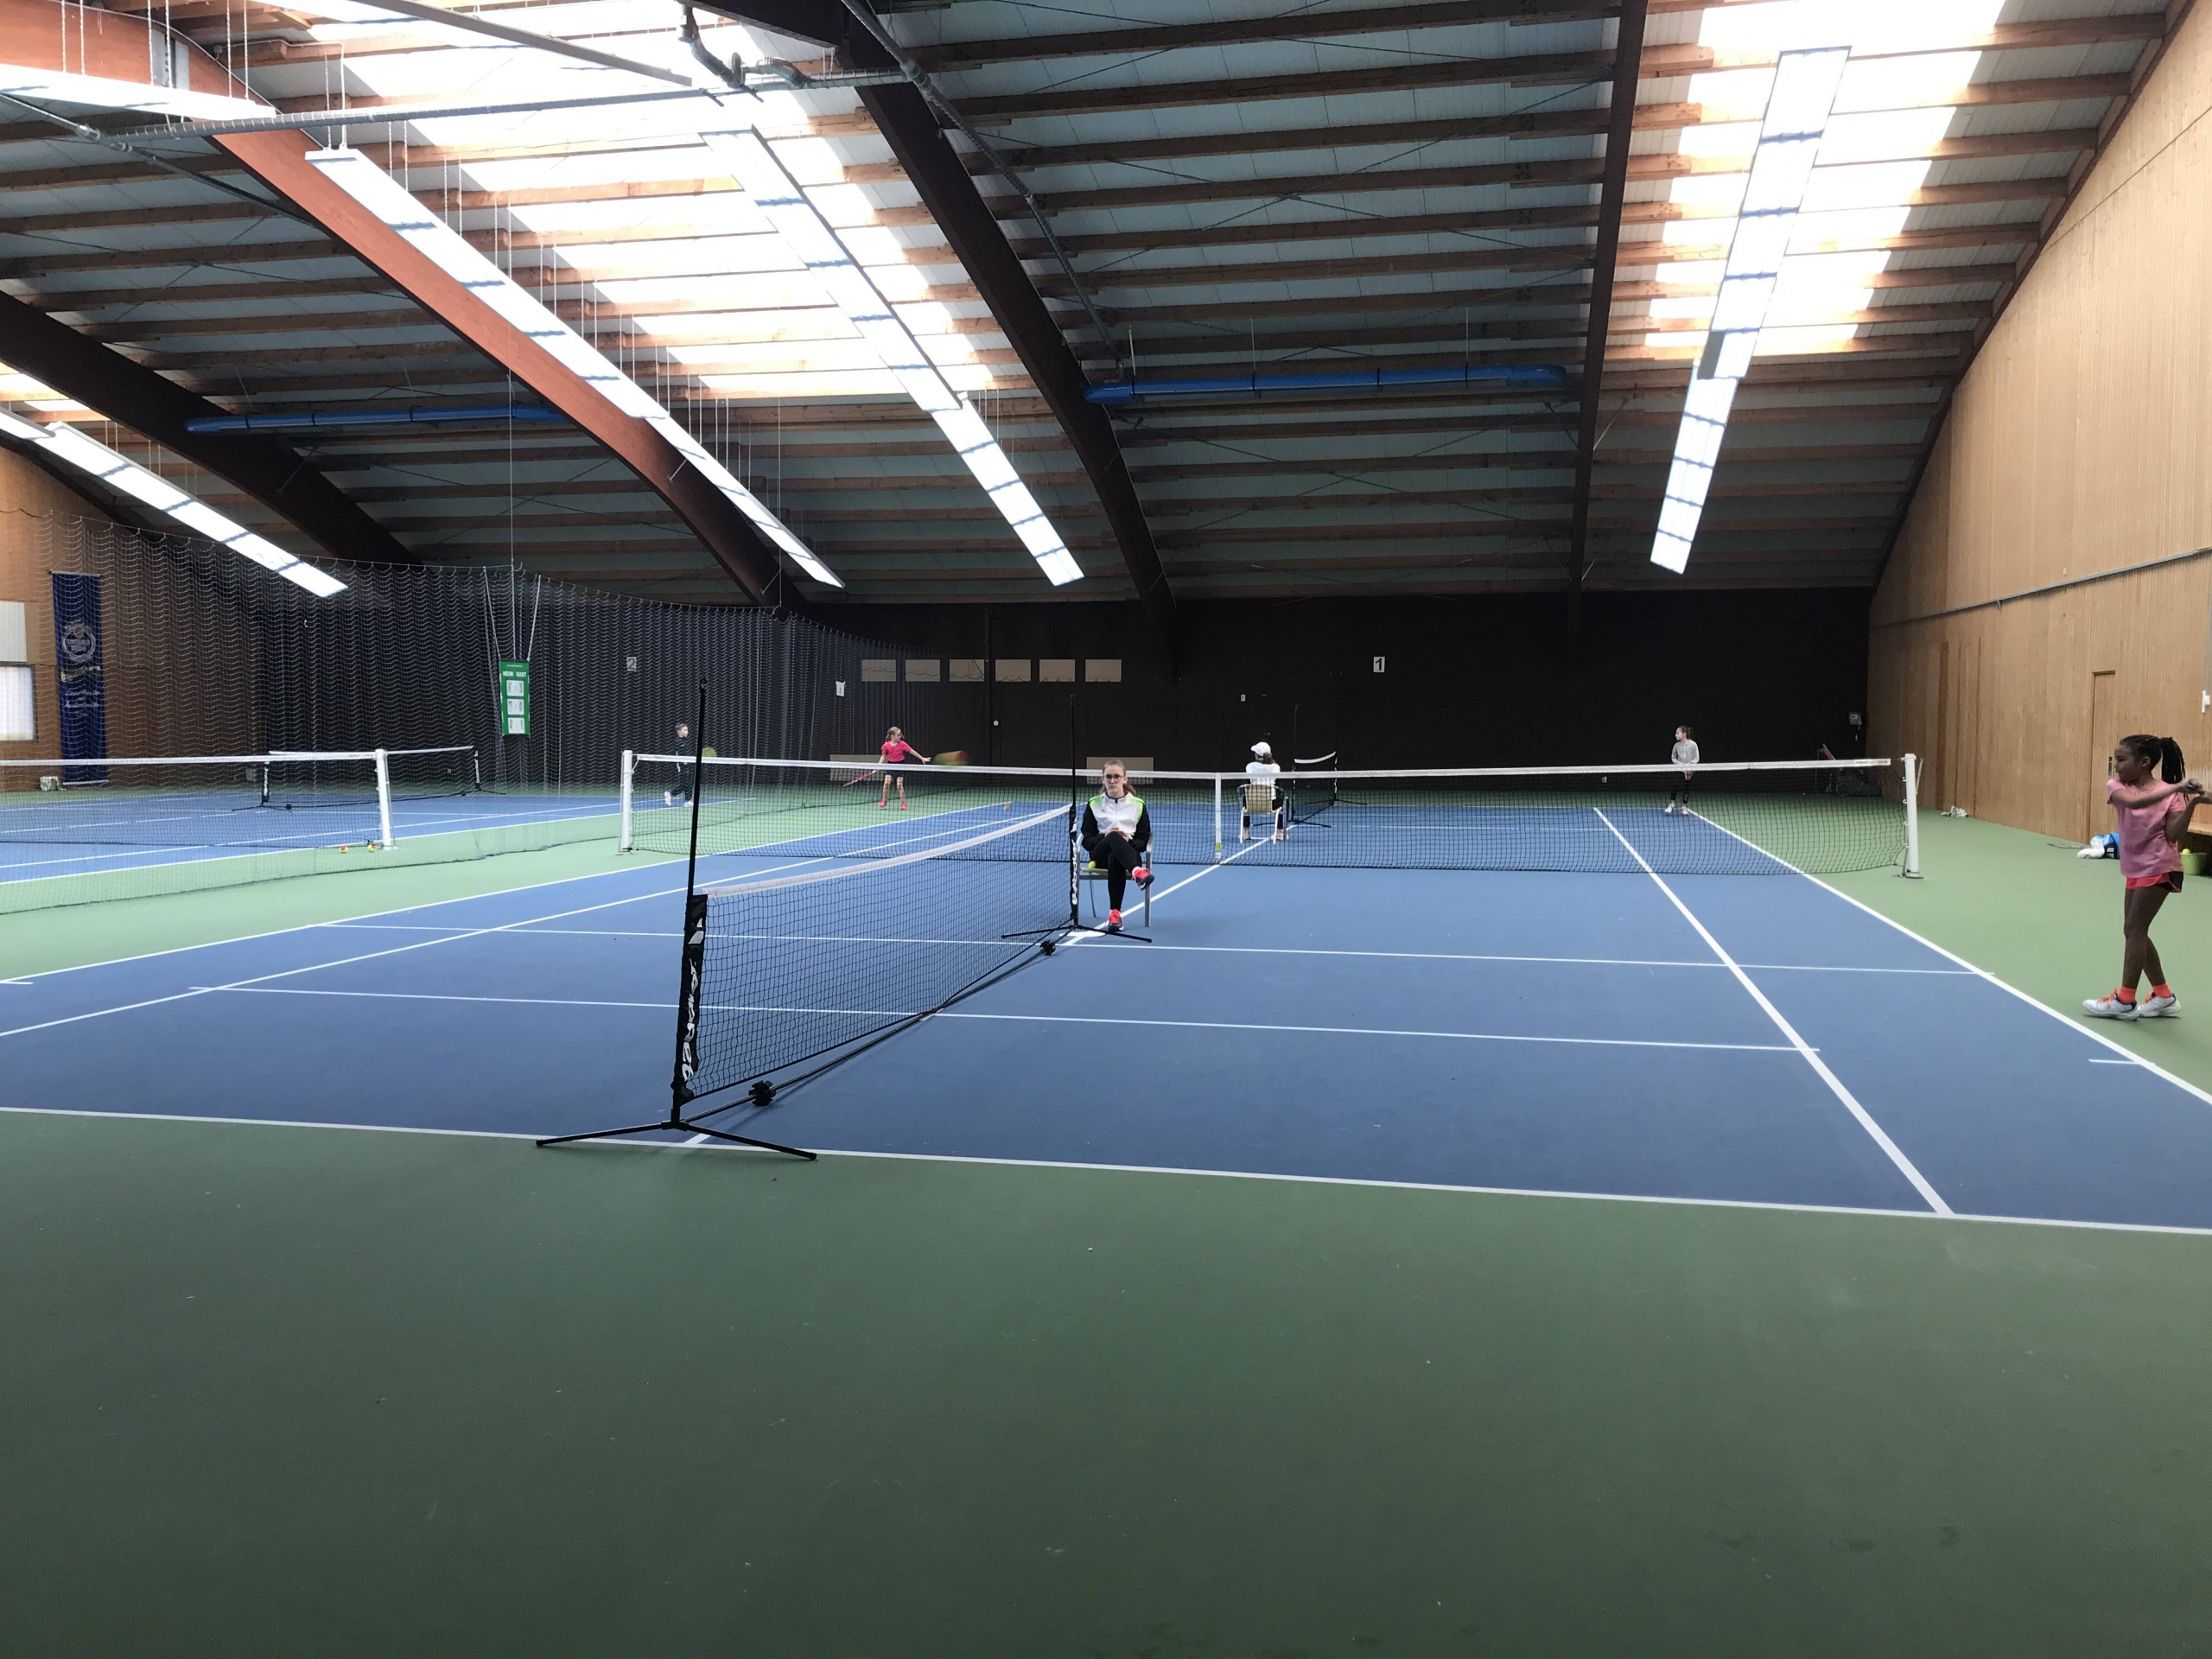 Tennisclub TГјbingen